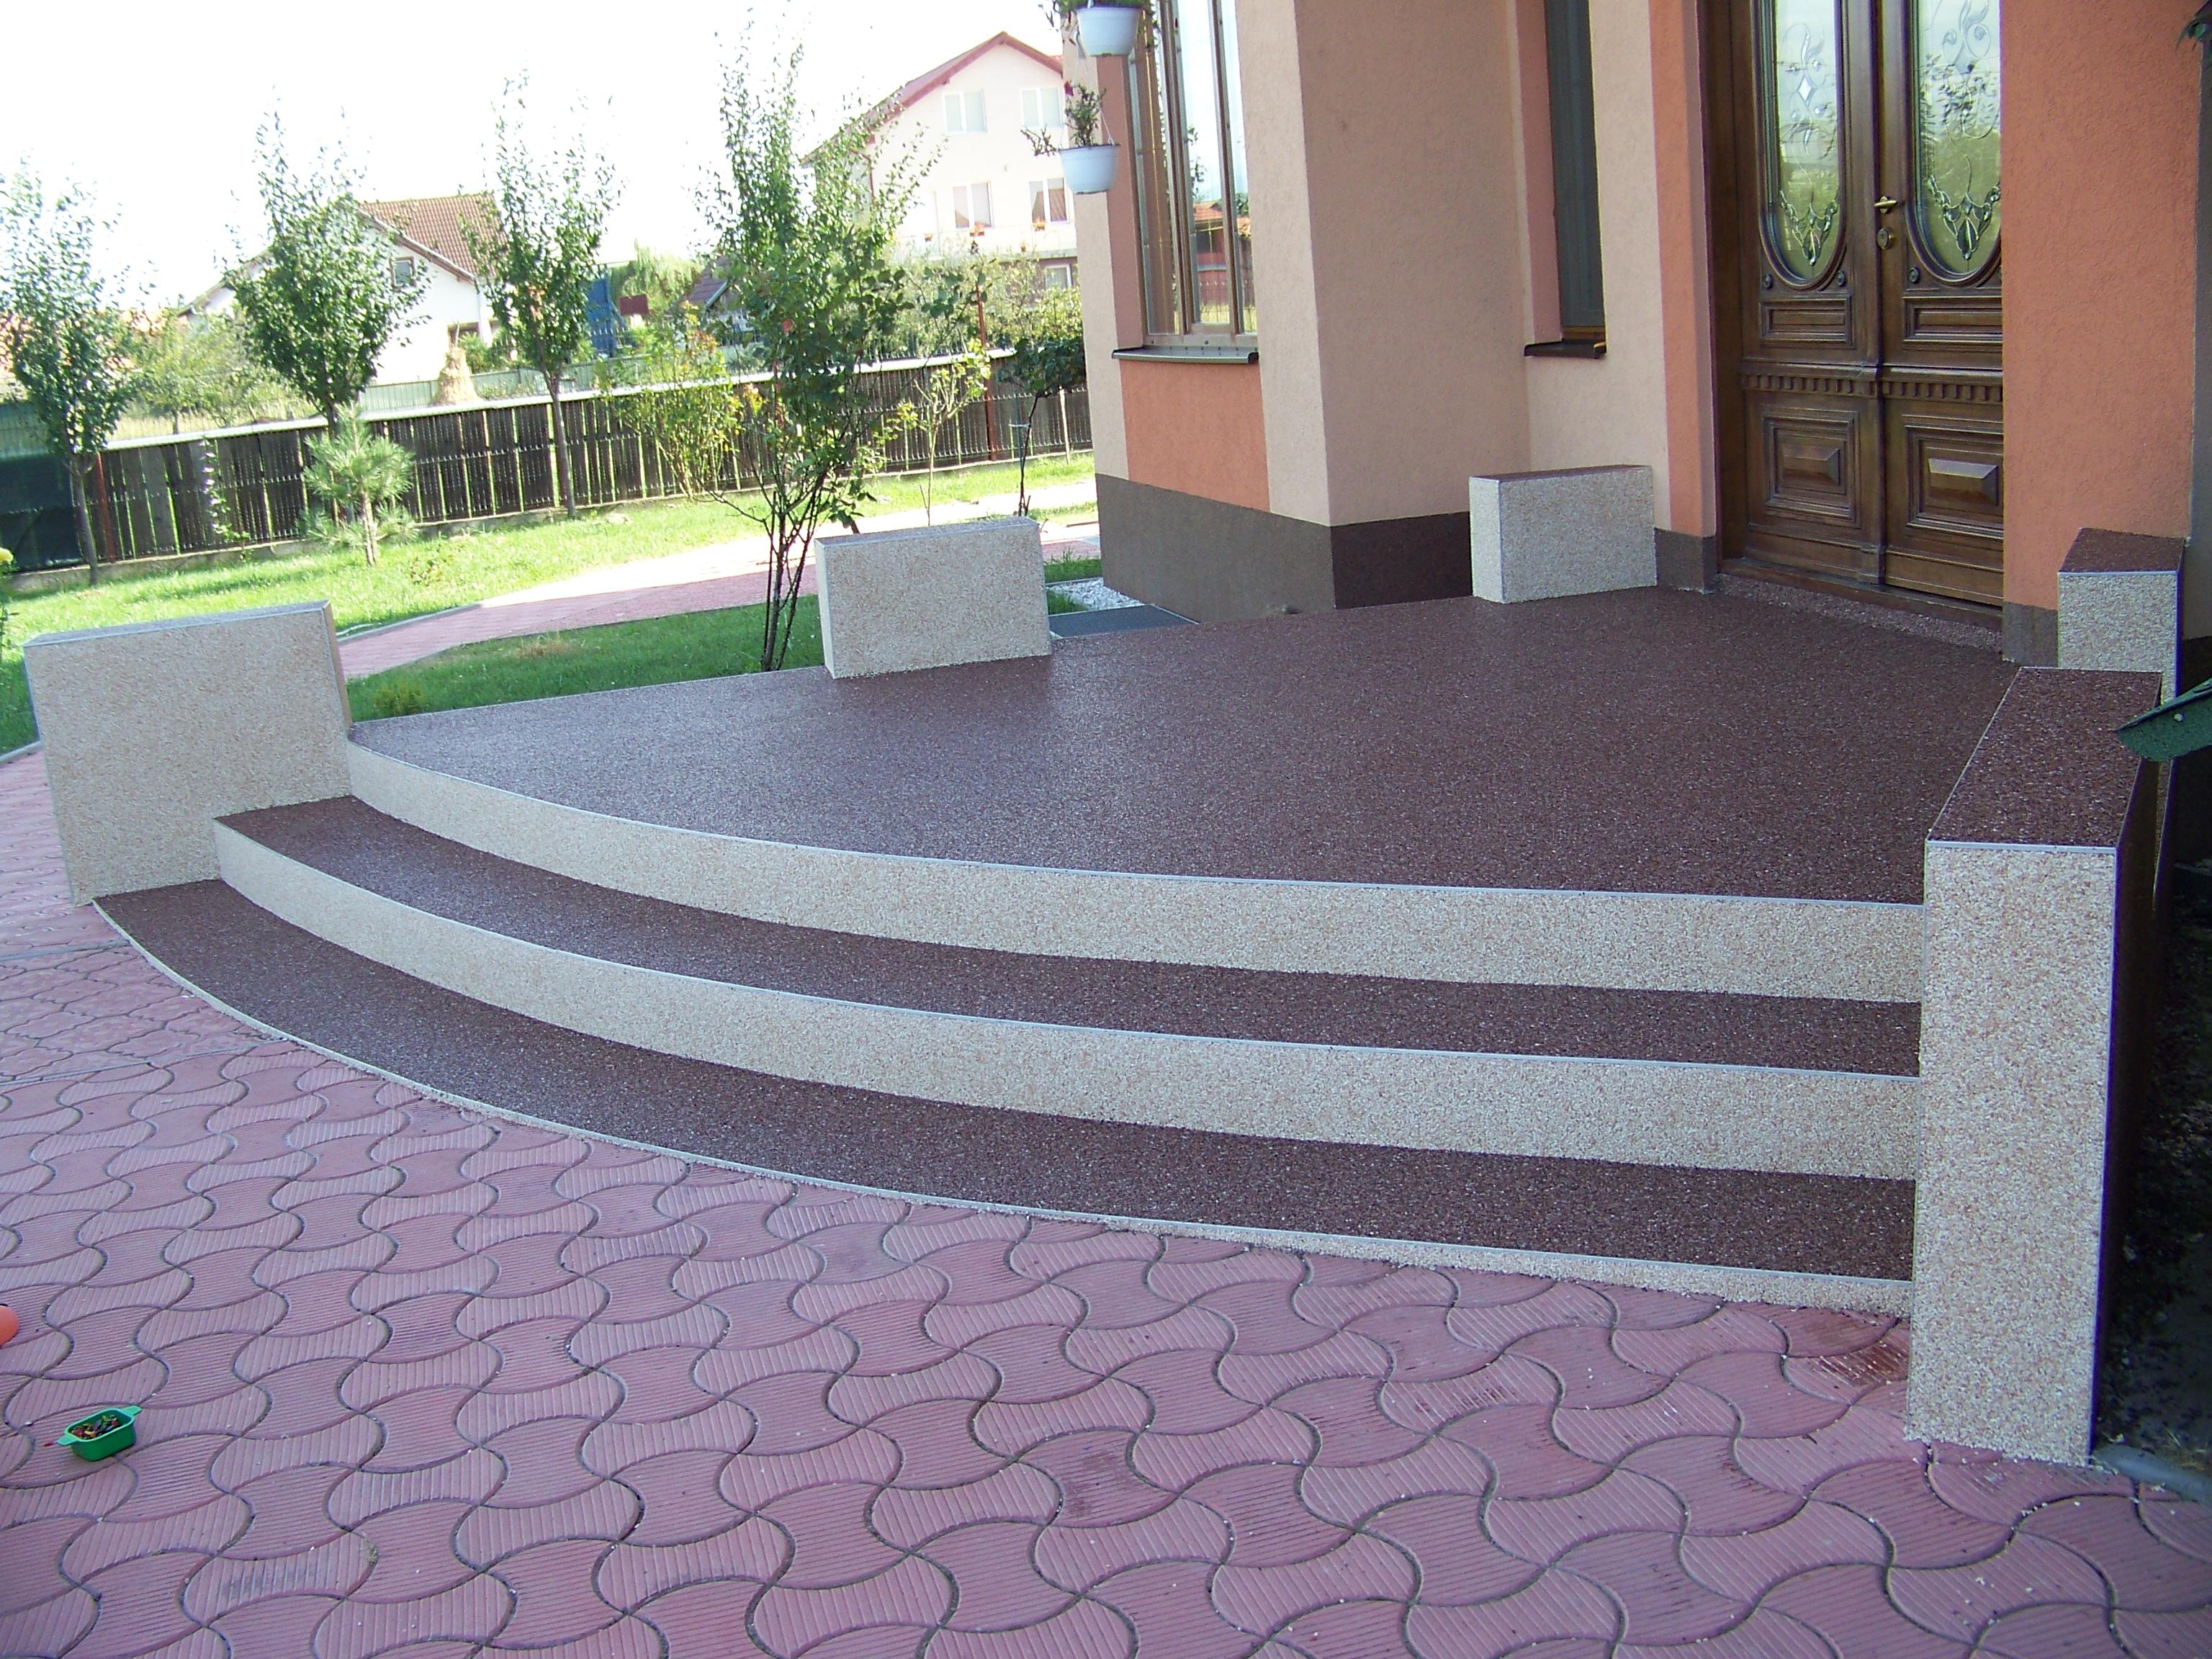 Covor decorativ din piatra MATTA - Poza 11